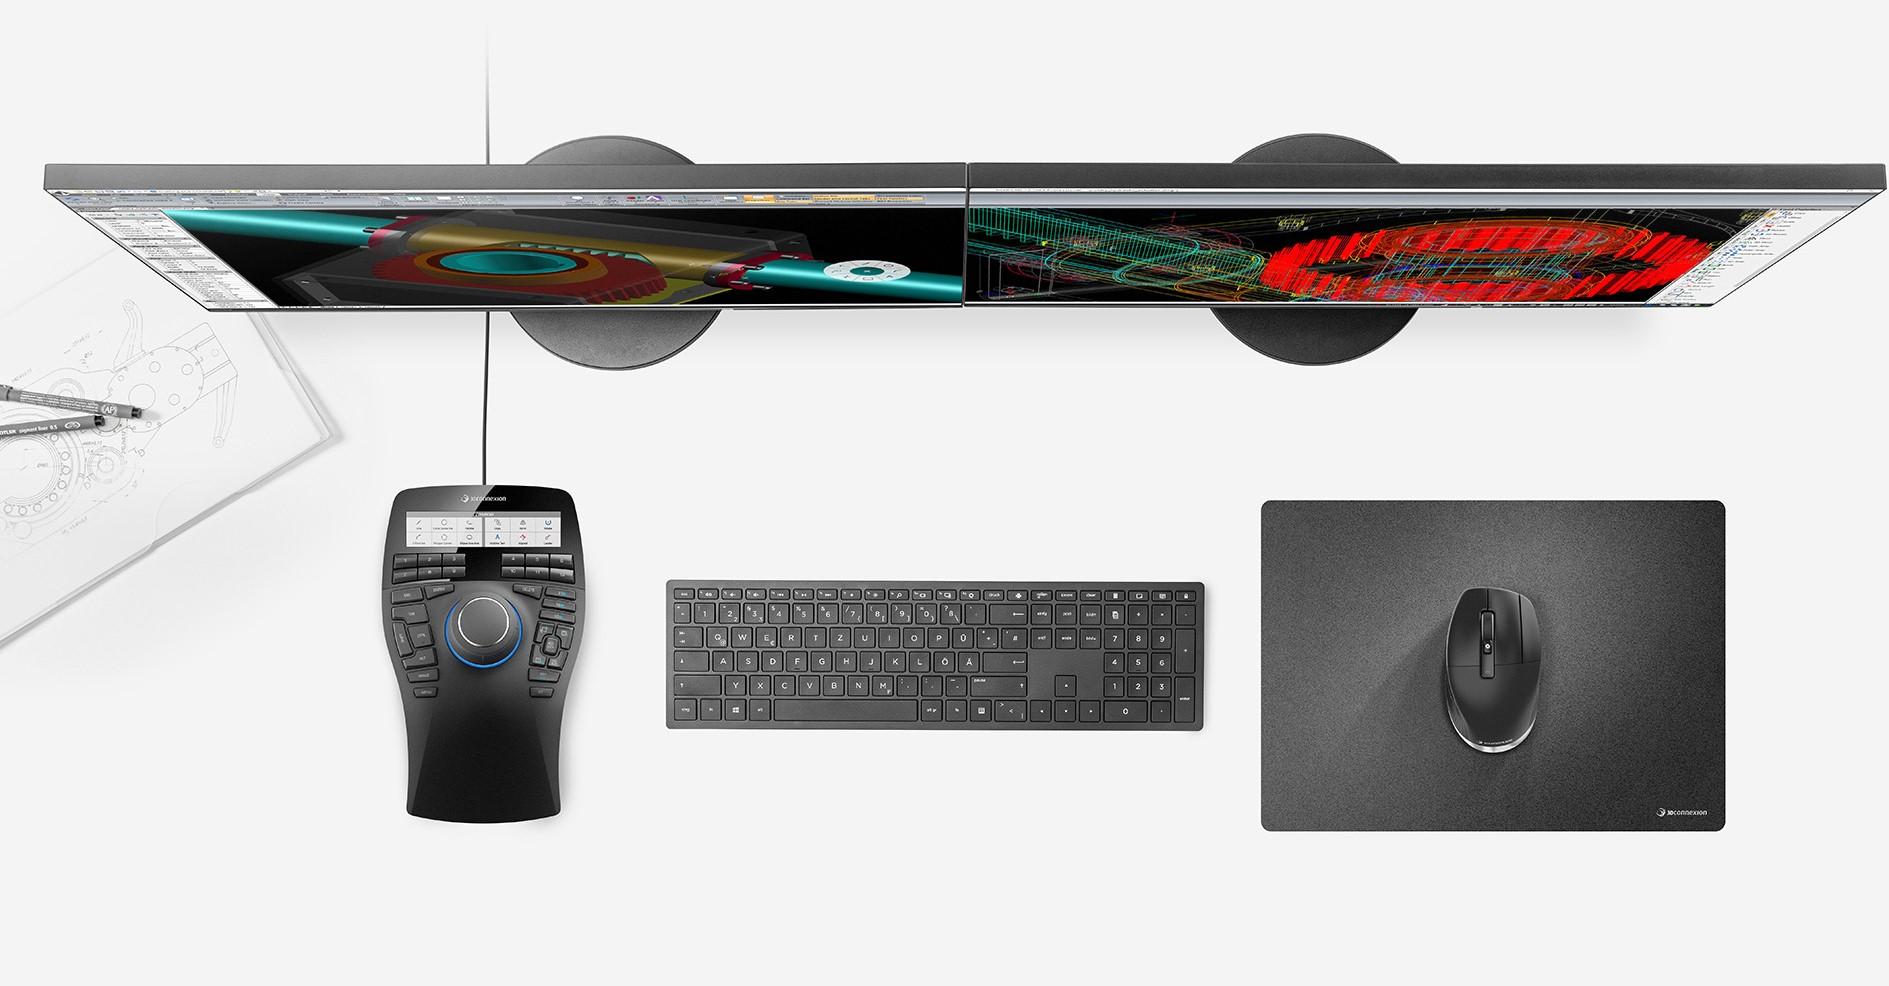 3Dconnexion-mouse